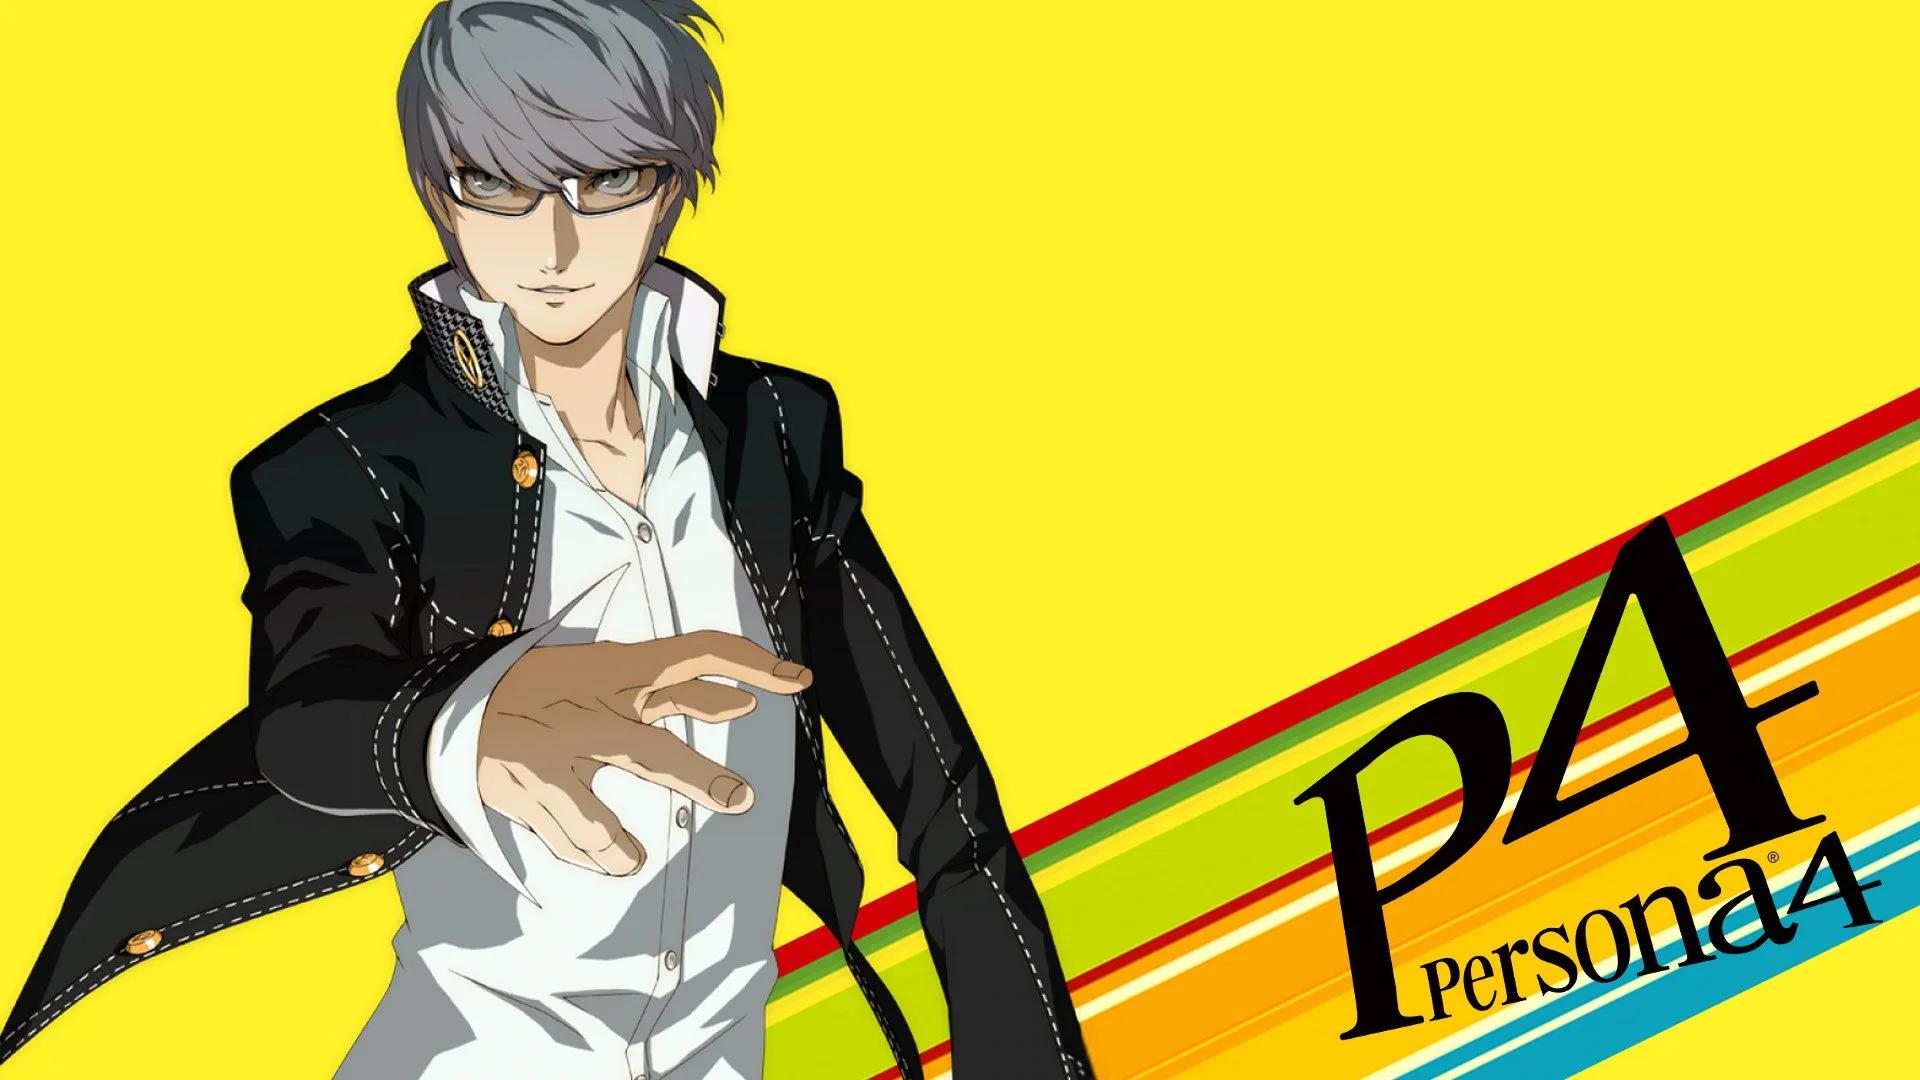 PC-версия Persona 4 Golden разошлась колоссальным тиражом и обрела невероятный успех